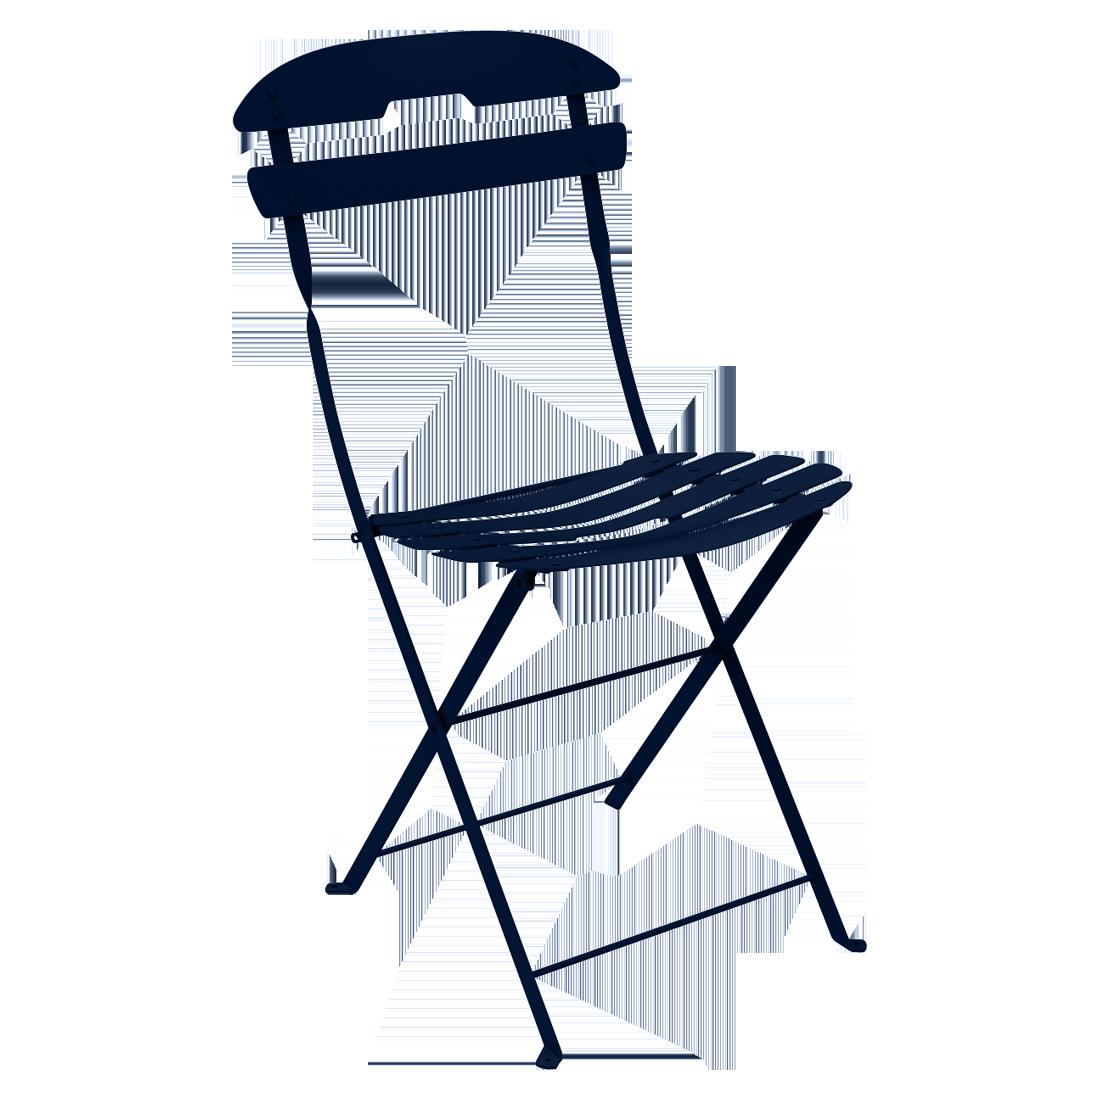 chaise pliante metal, chaise metal, chaise fermob, chaise pliante, chaise bleu